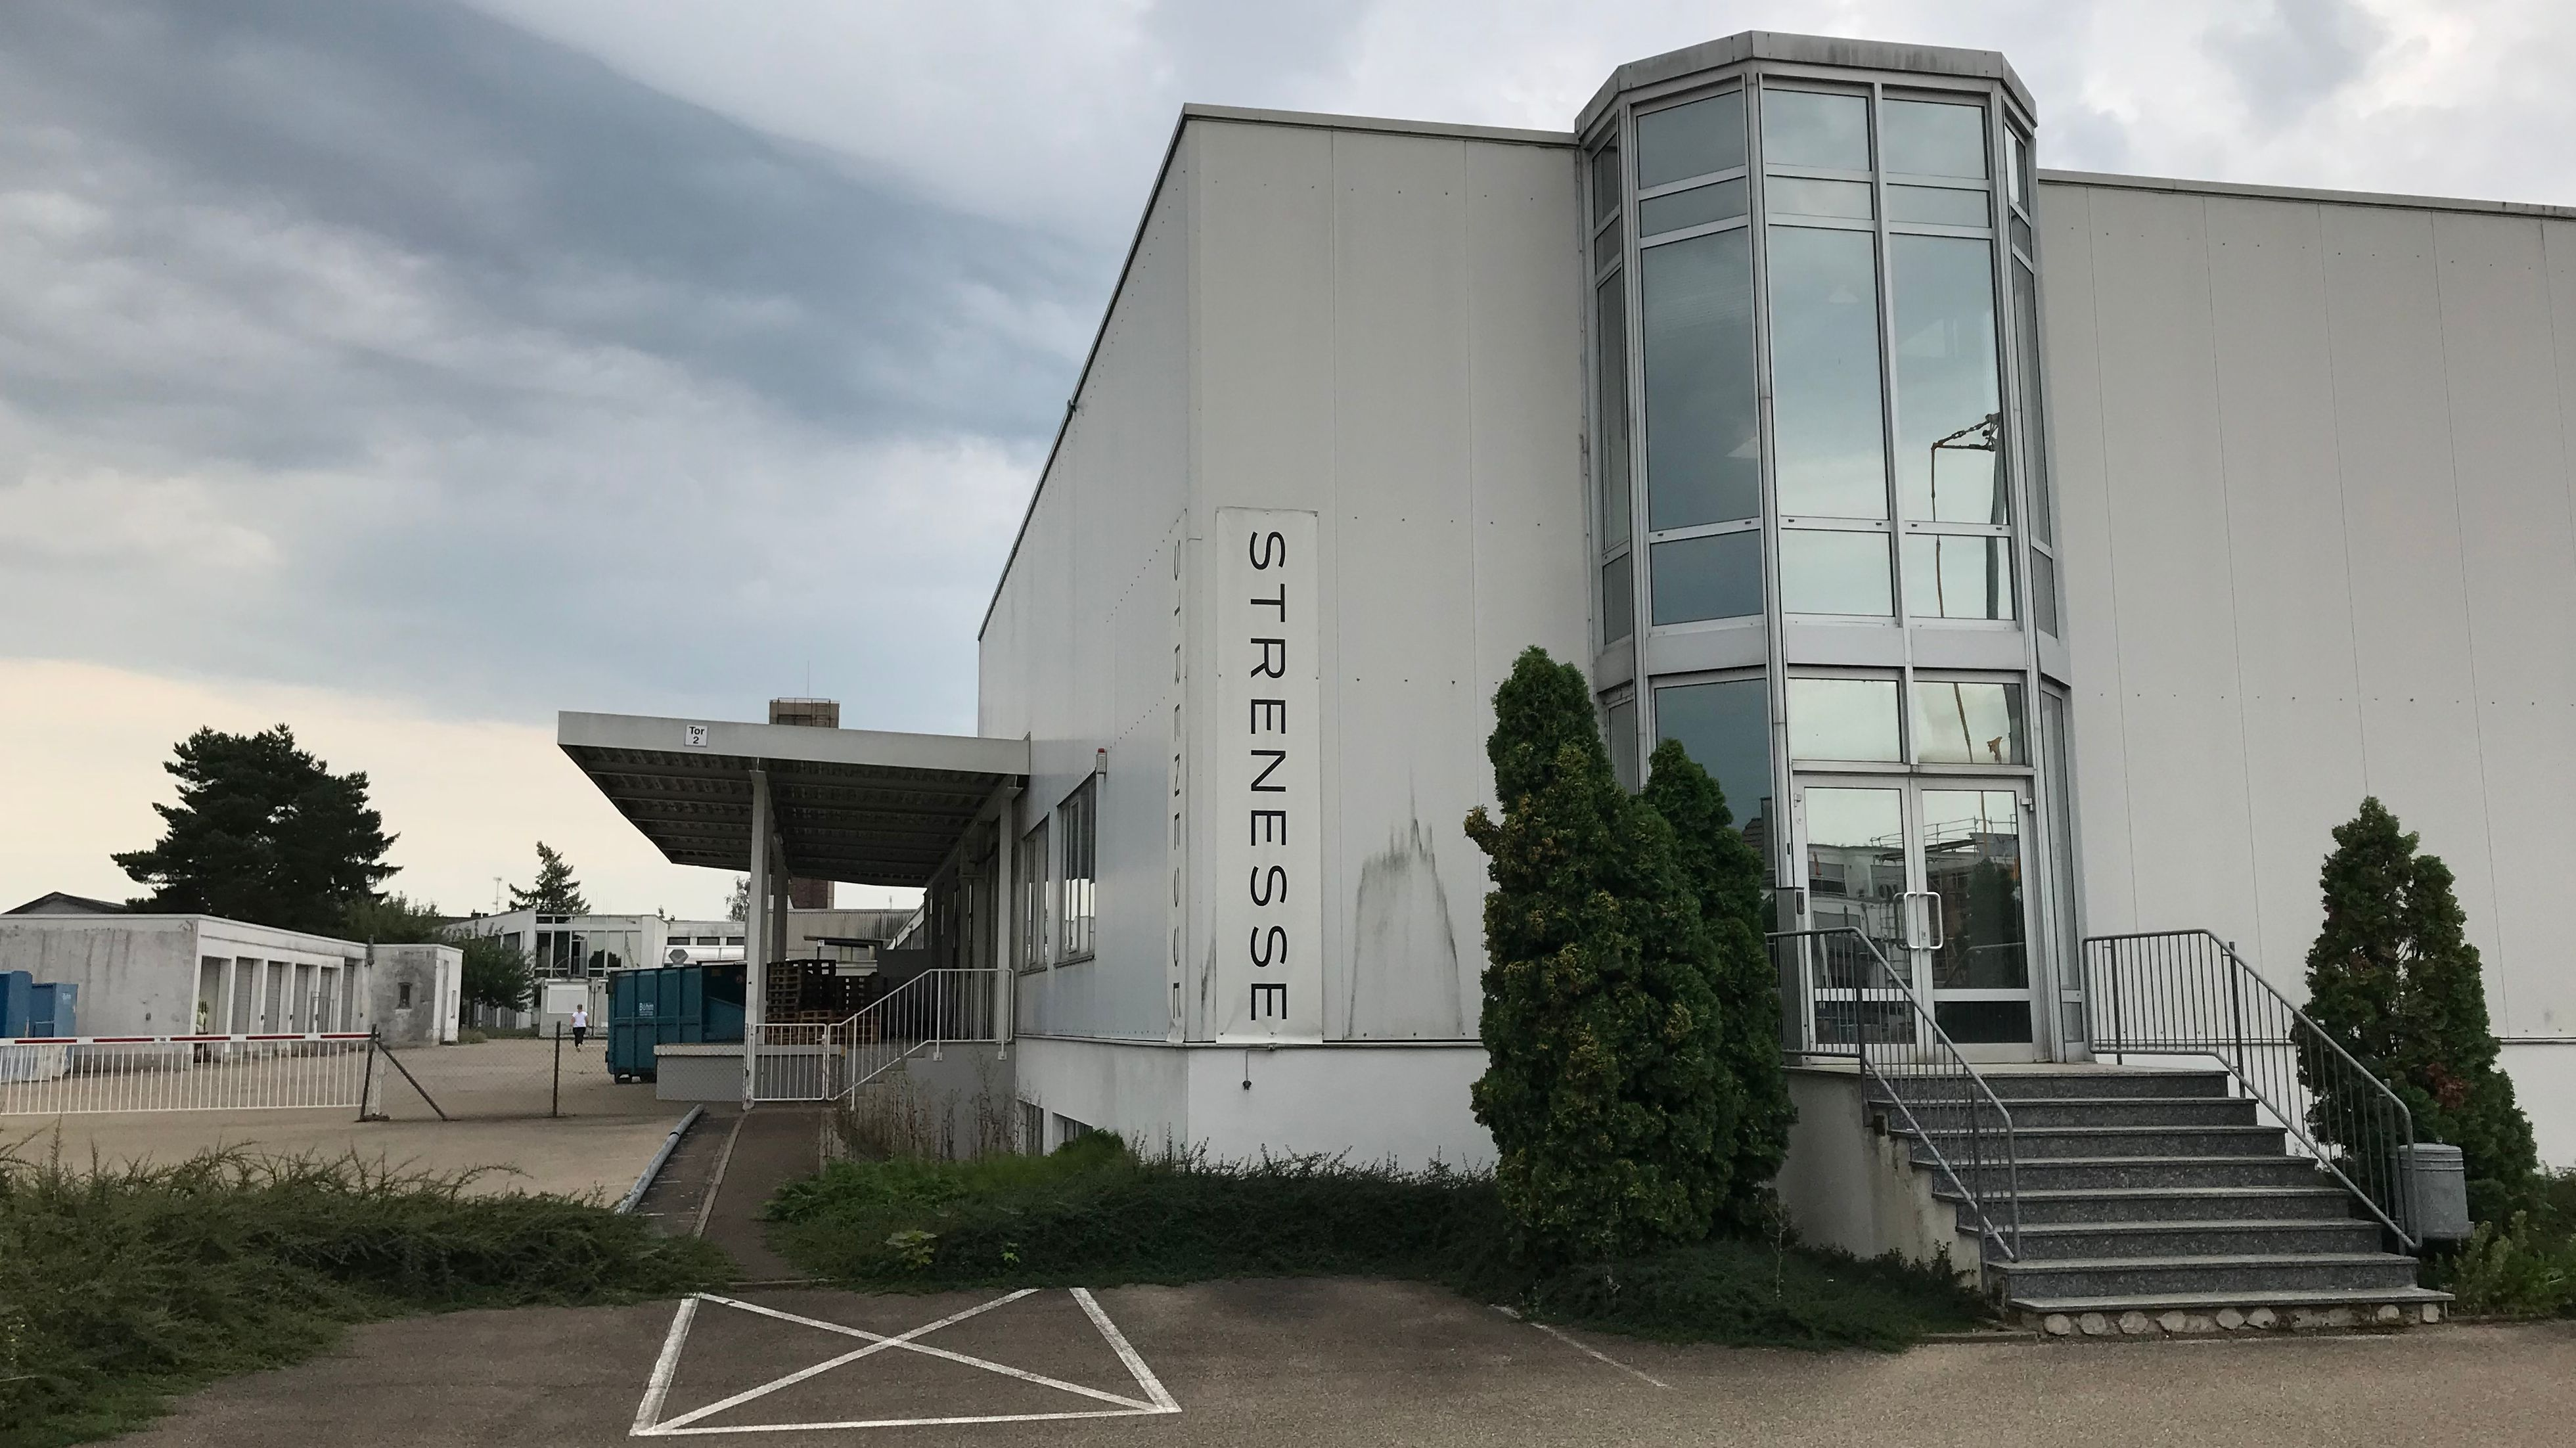 Gebäude des Modeunternehmens Strenesse in Nördlingen